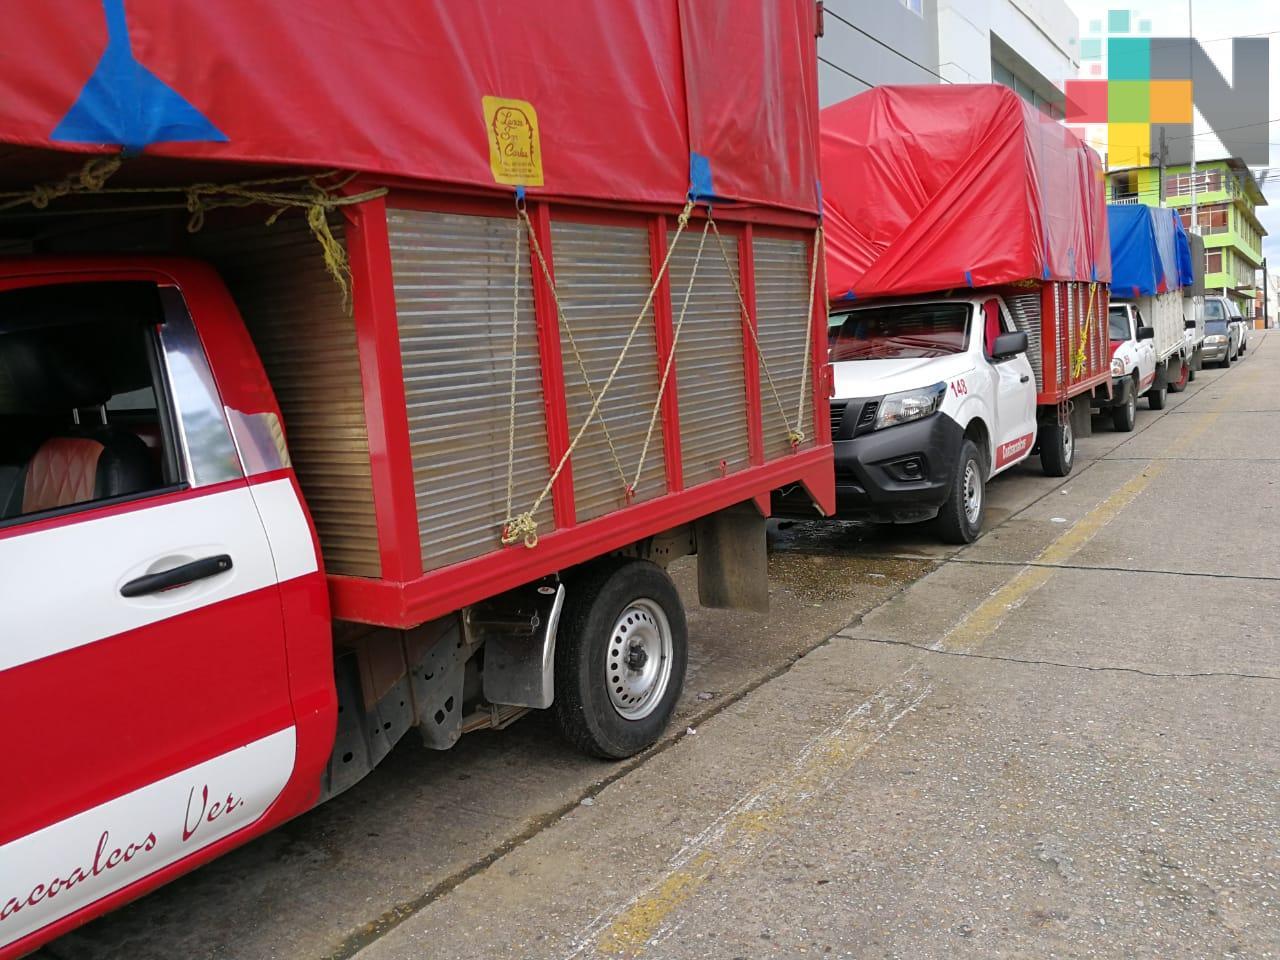 Persisten robos en carreteras de los estados de Puebla y Tlaxcala: Canacar